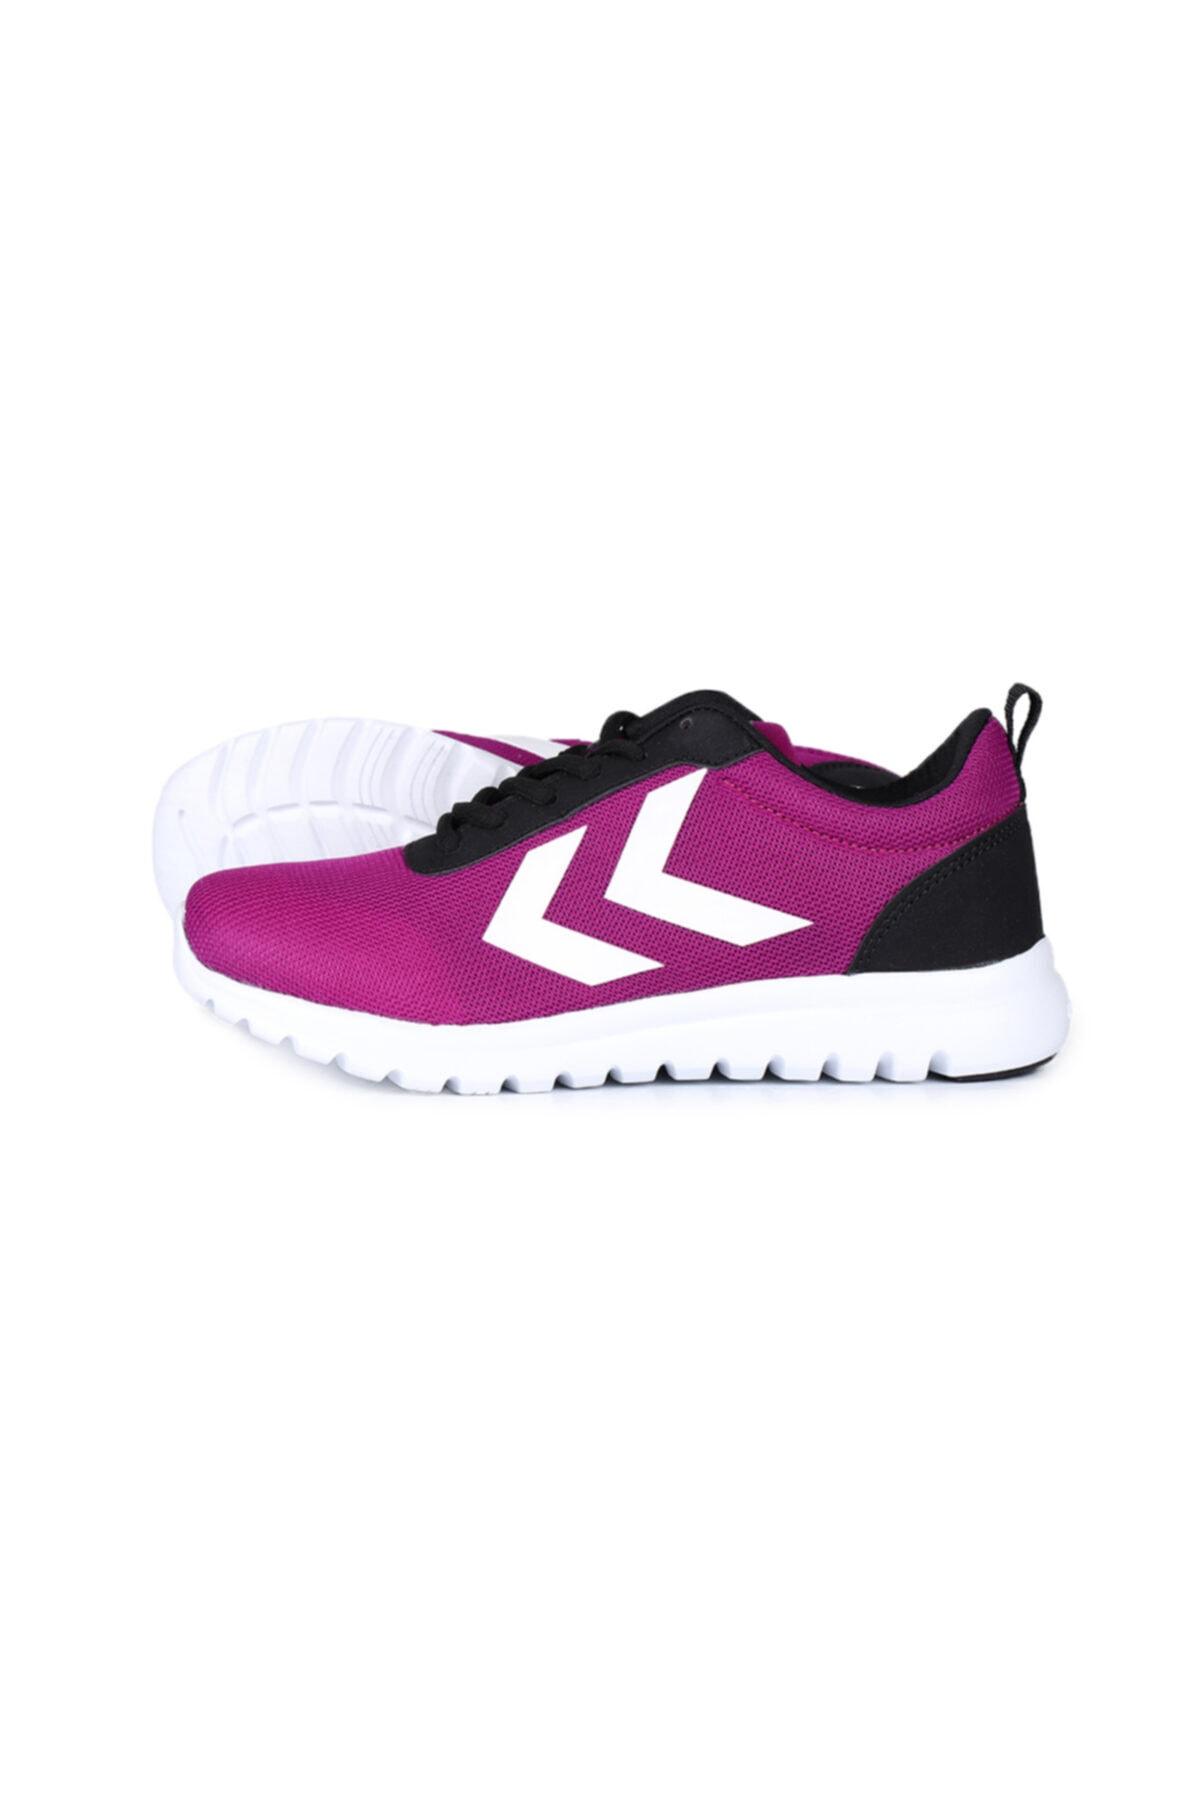 HUMMEL Kadın Mor Koşu & Antrenman Ayakkabısı 1